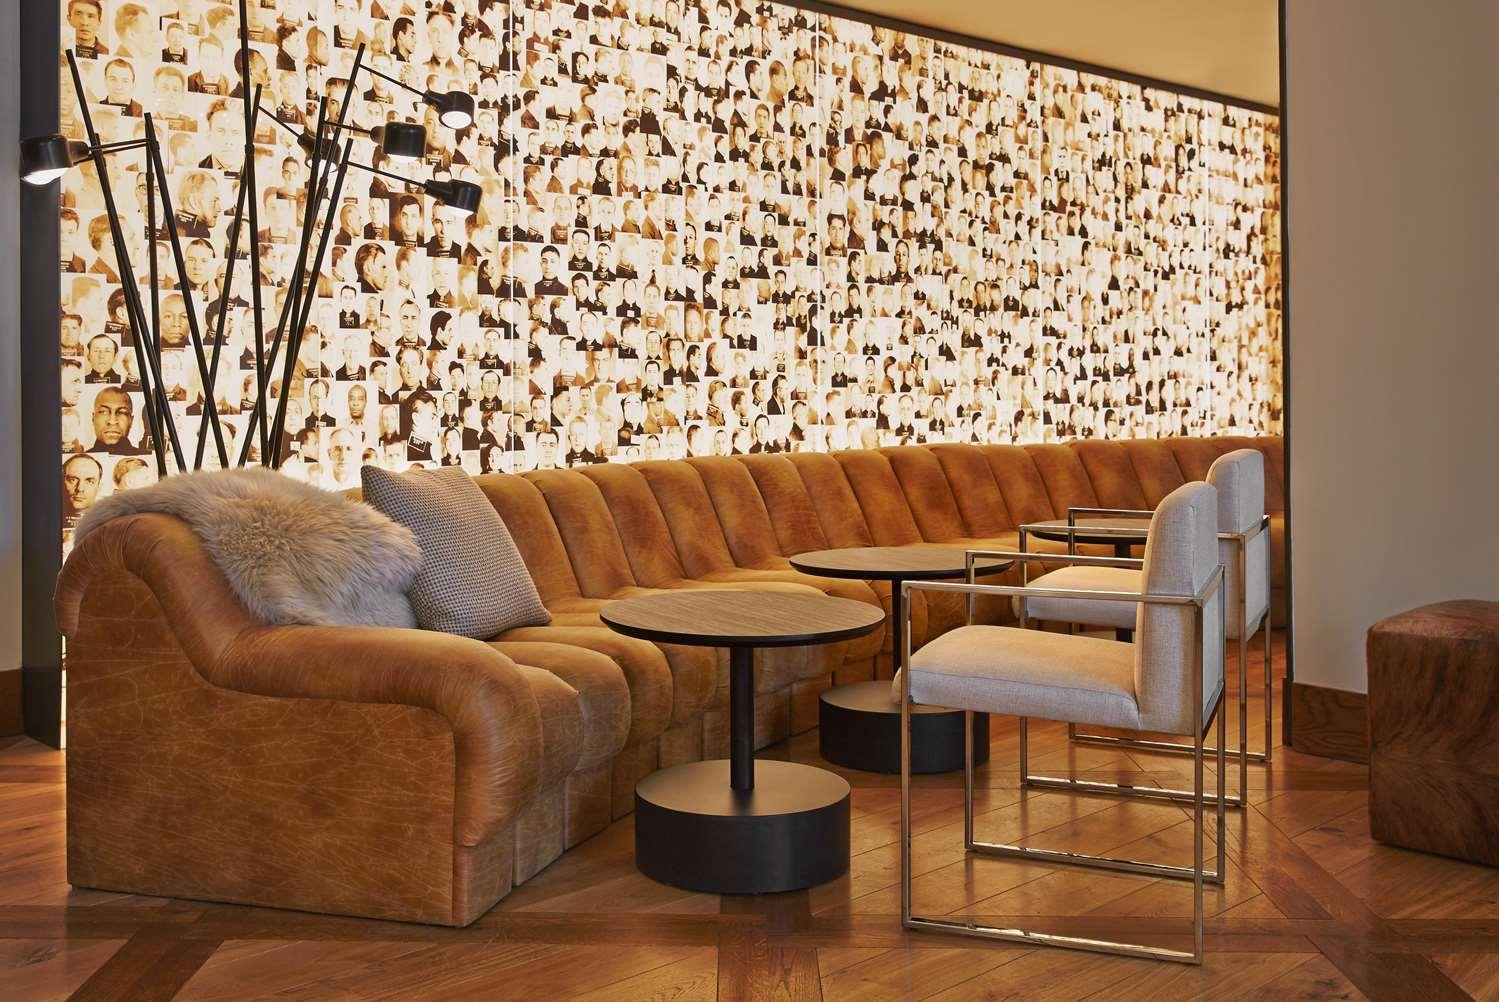 Lobby - Hotel Zetta San Francisco